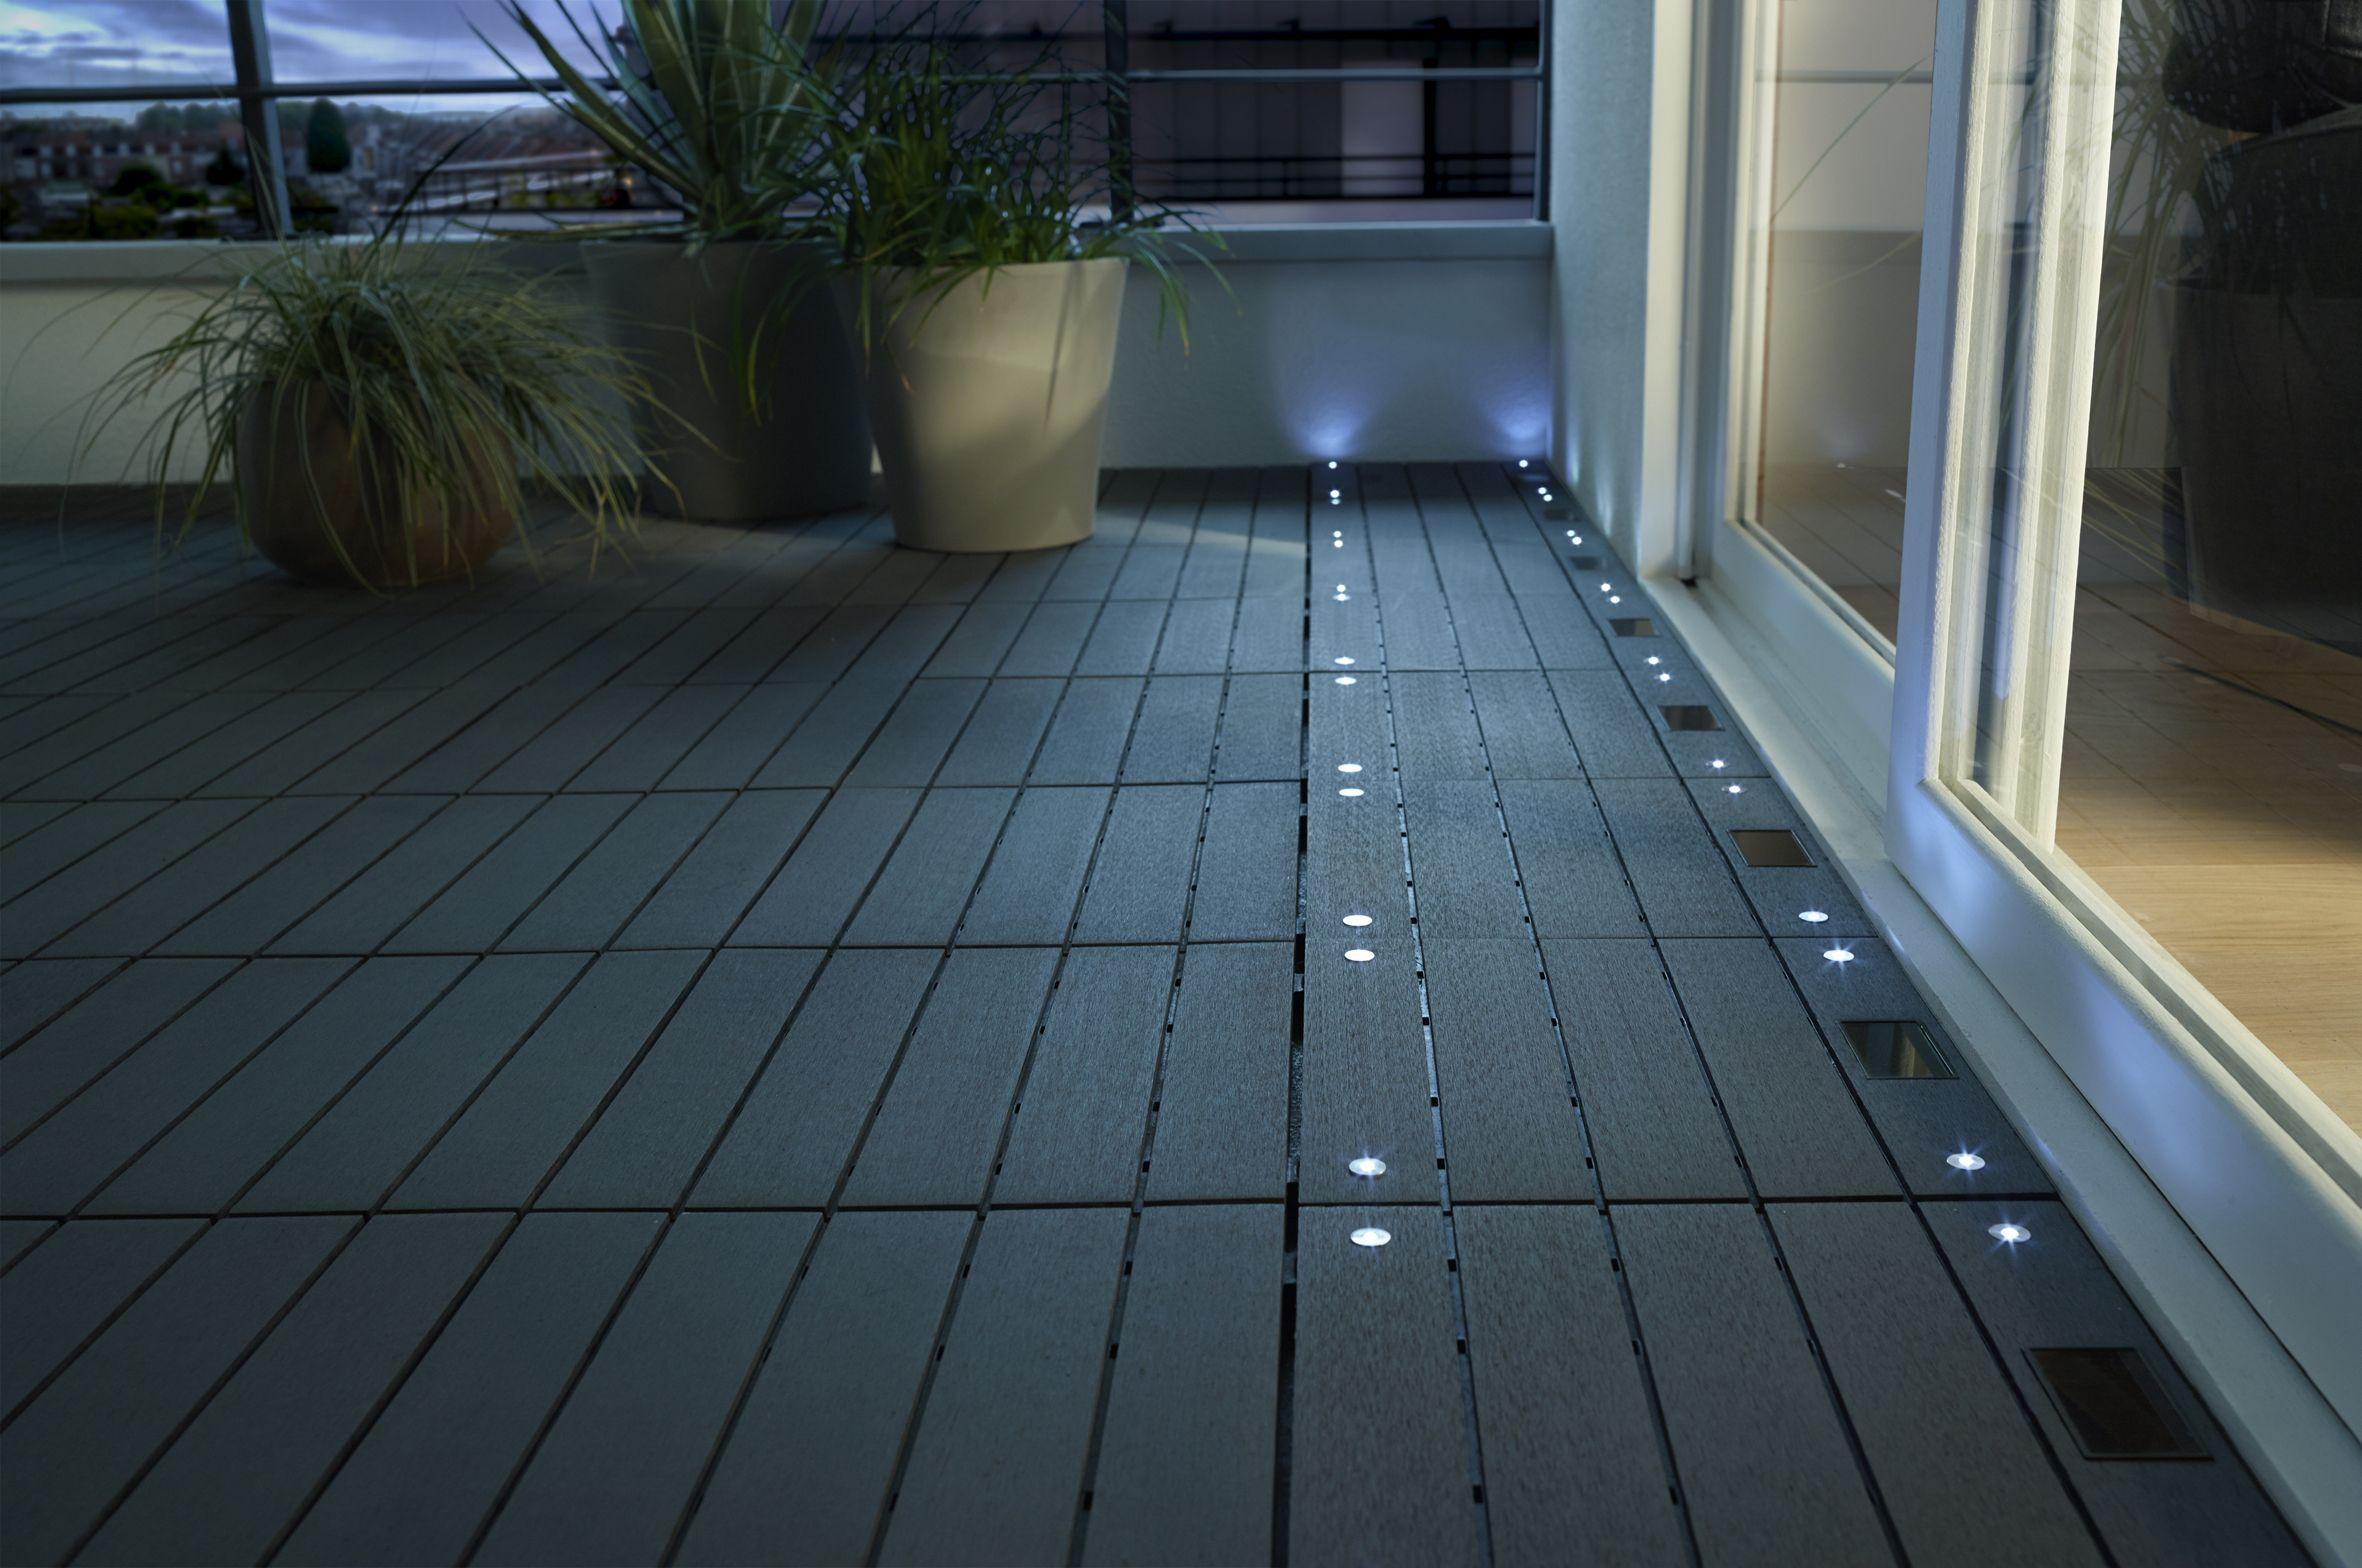 Dalle Balcon Emboitable Composite Avec Led Blooma 30 X 30 Cm ... intérieur Dalle Piscine Castorama